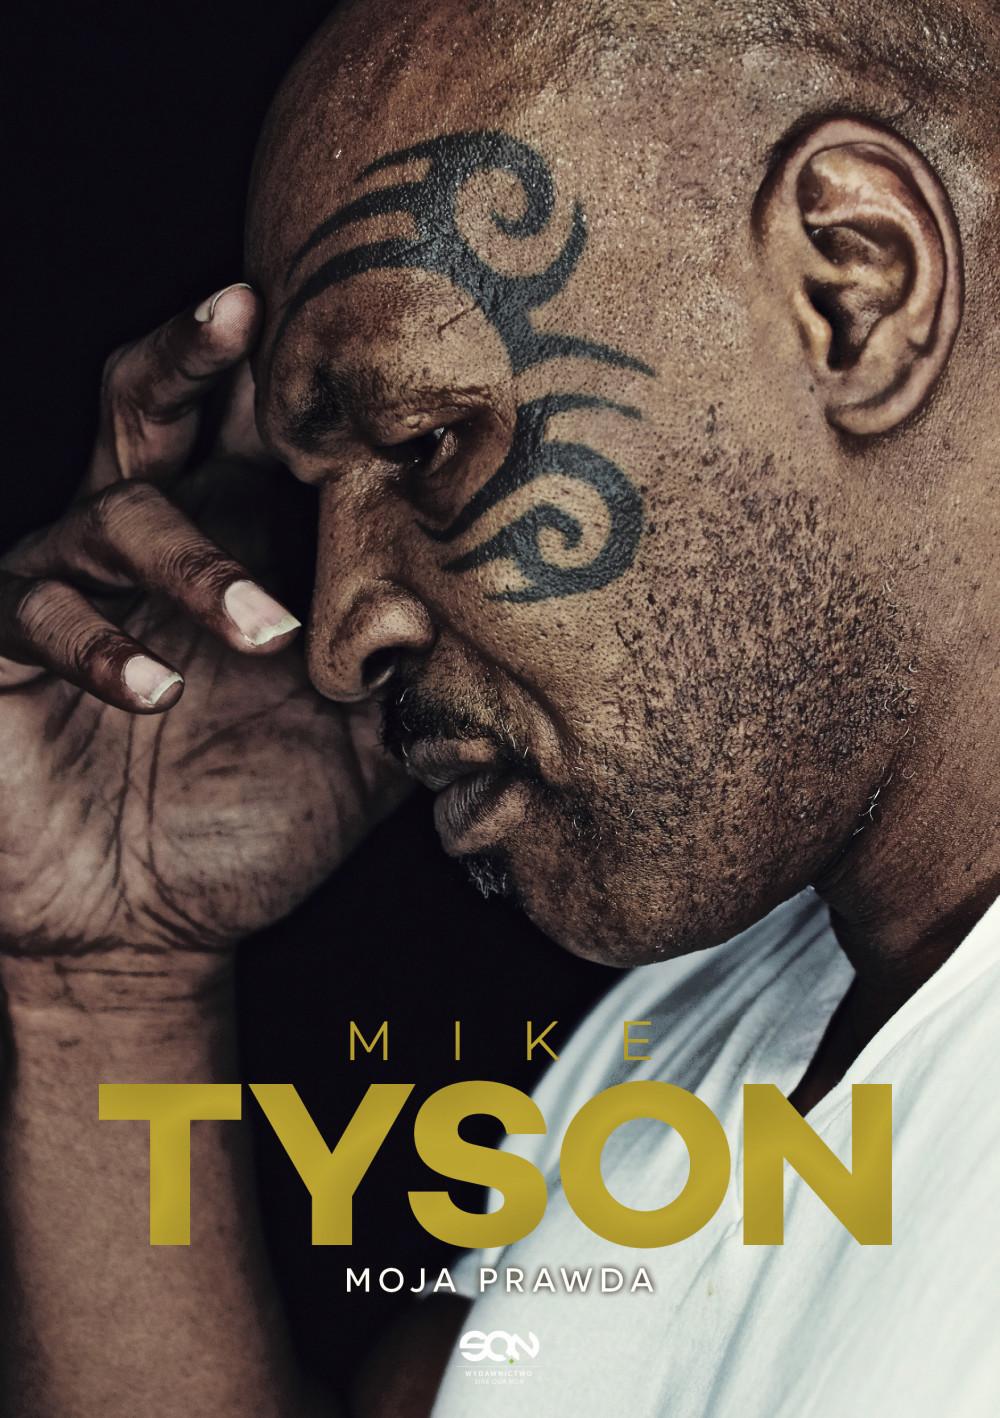 Mike Tyson. Moja prawda ebook